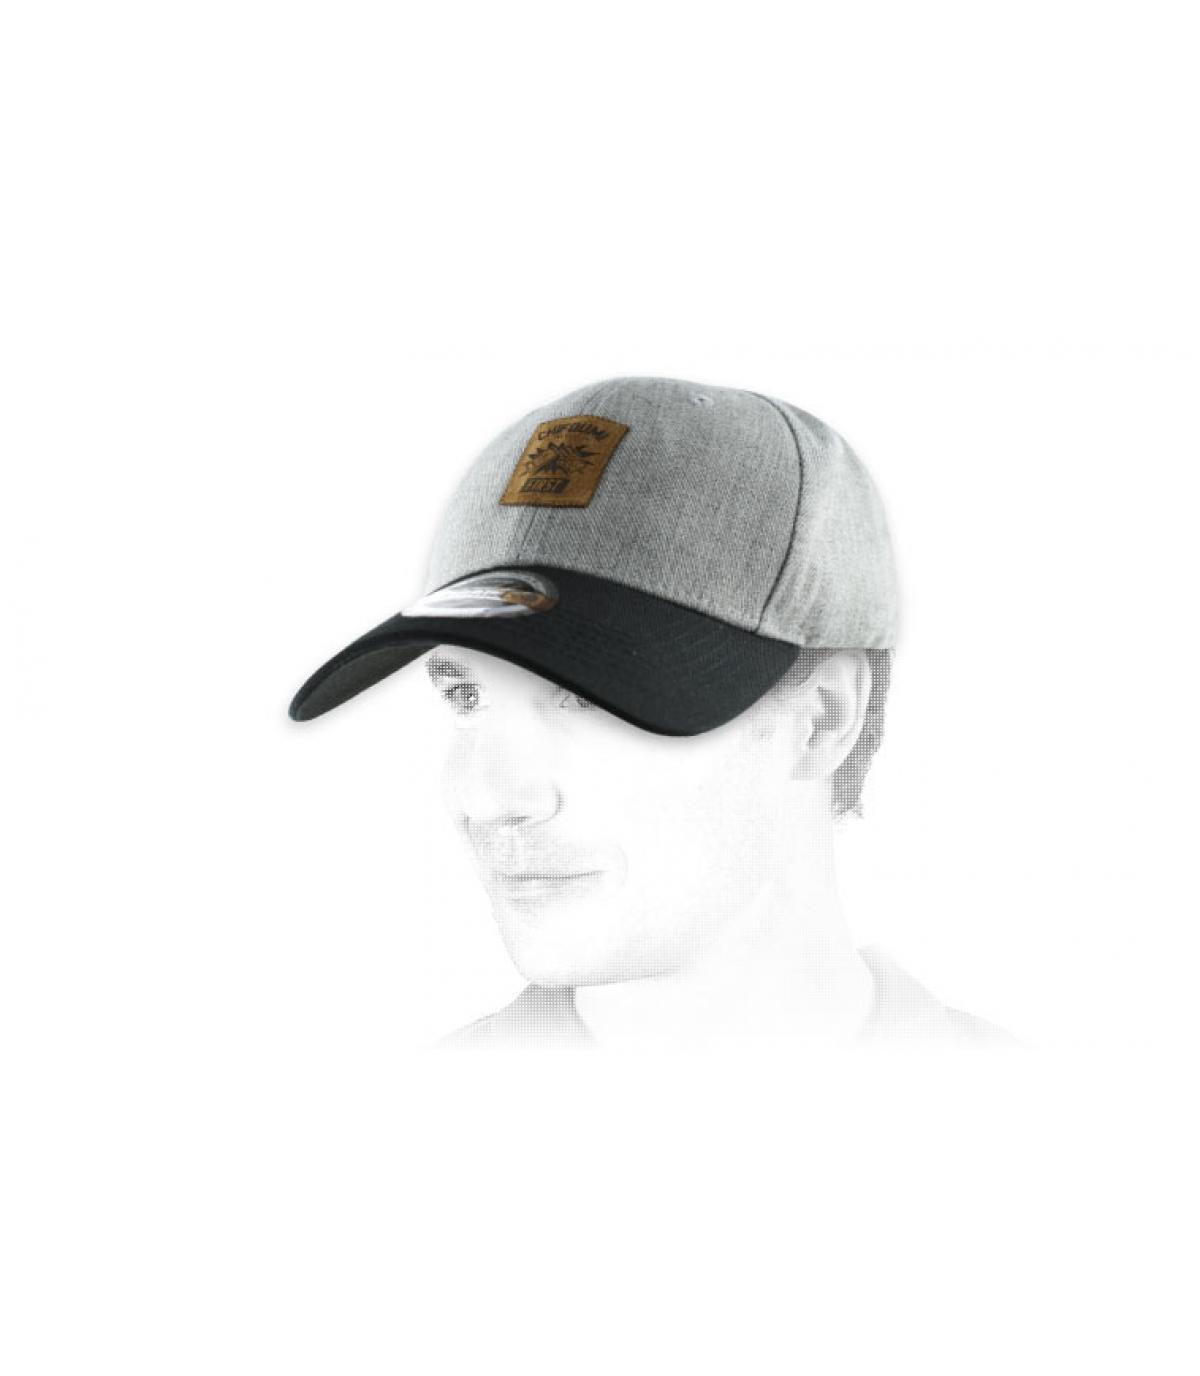 Chifoumi cappello grigio